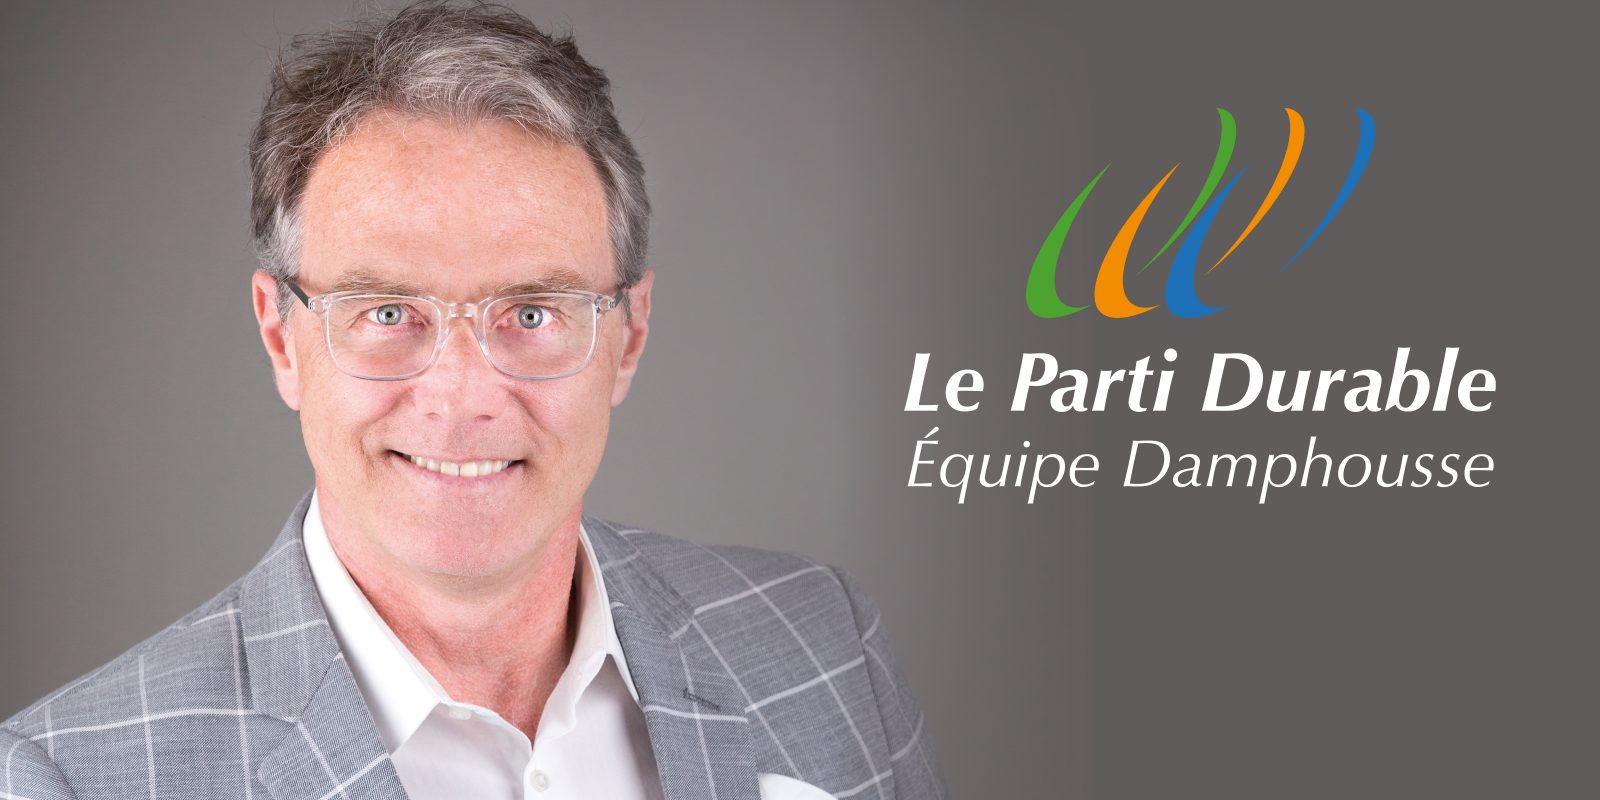 Le Parti durable – Équipe Damphousse sollicite un autre mandat